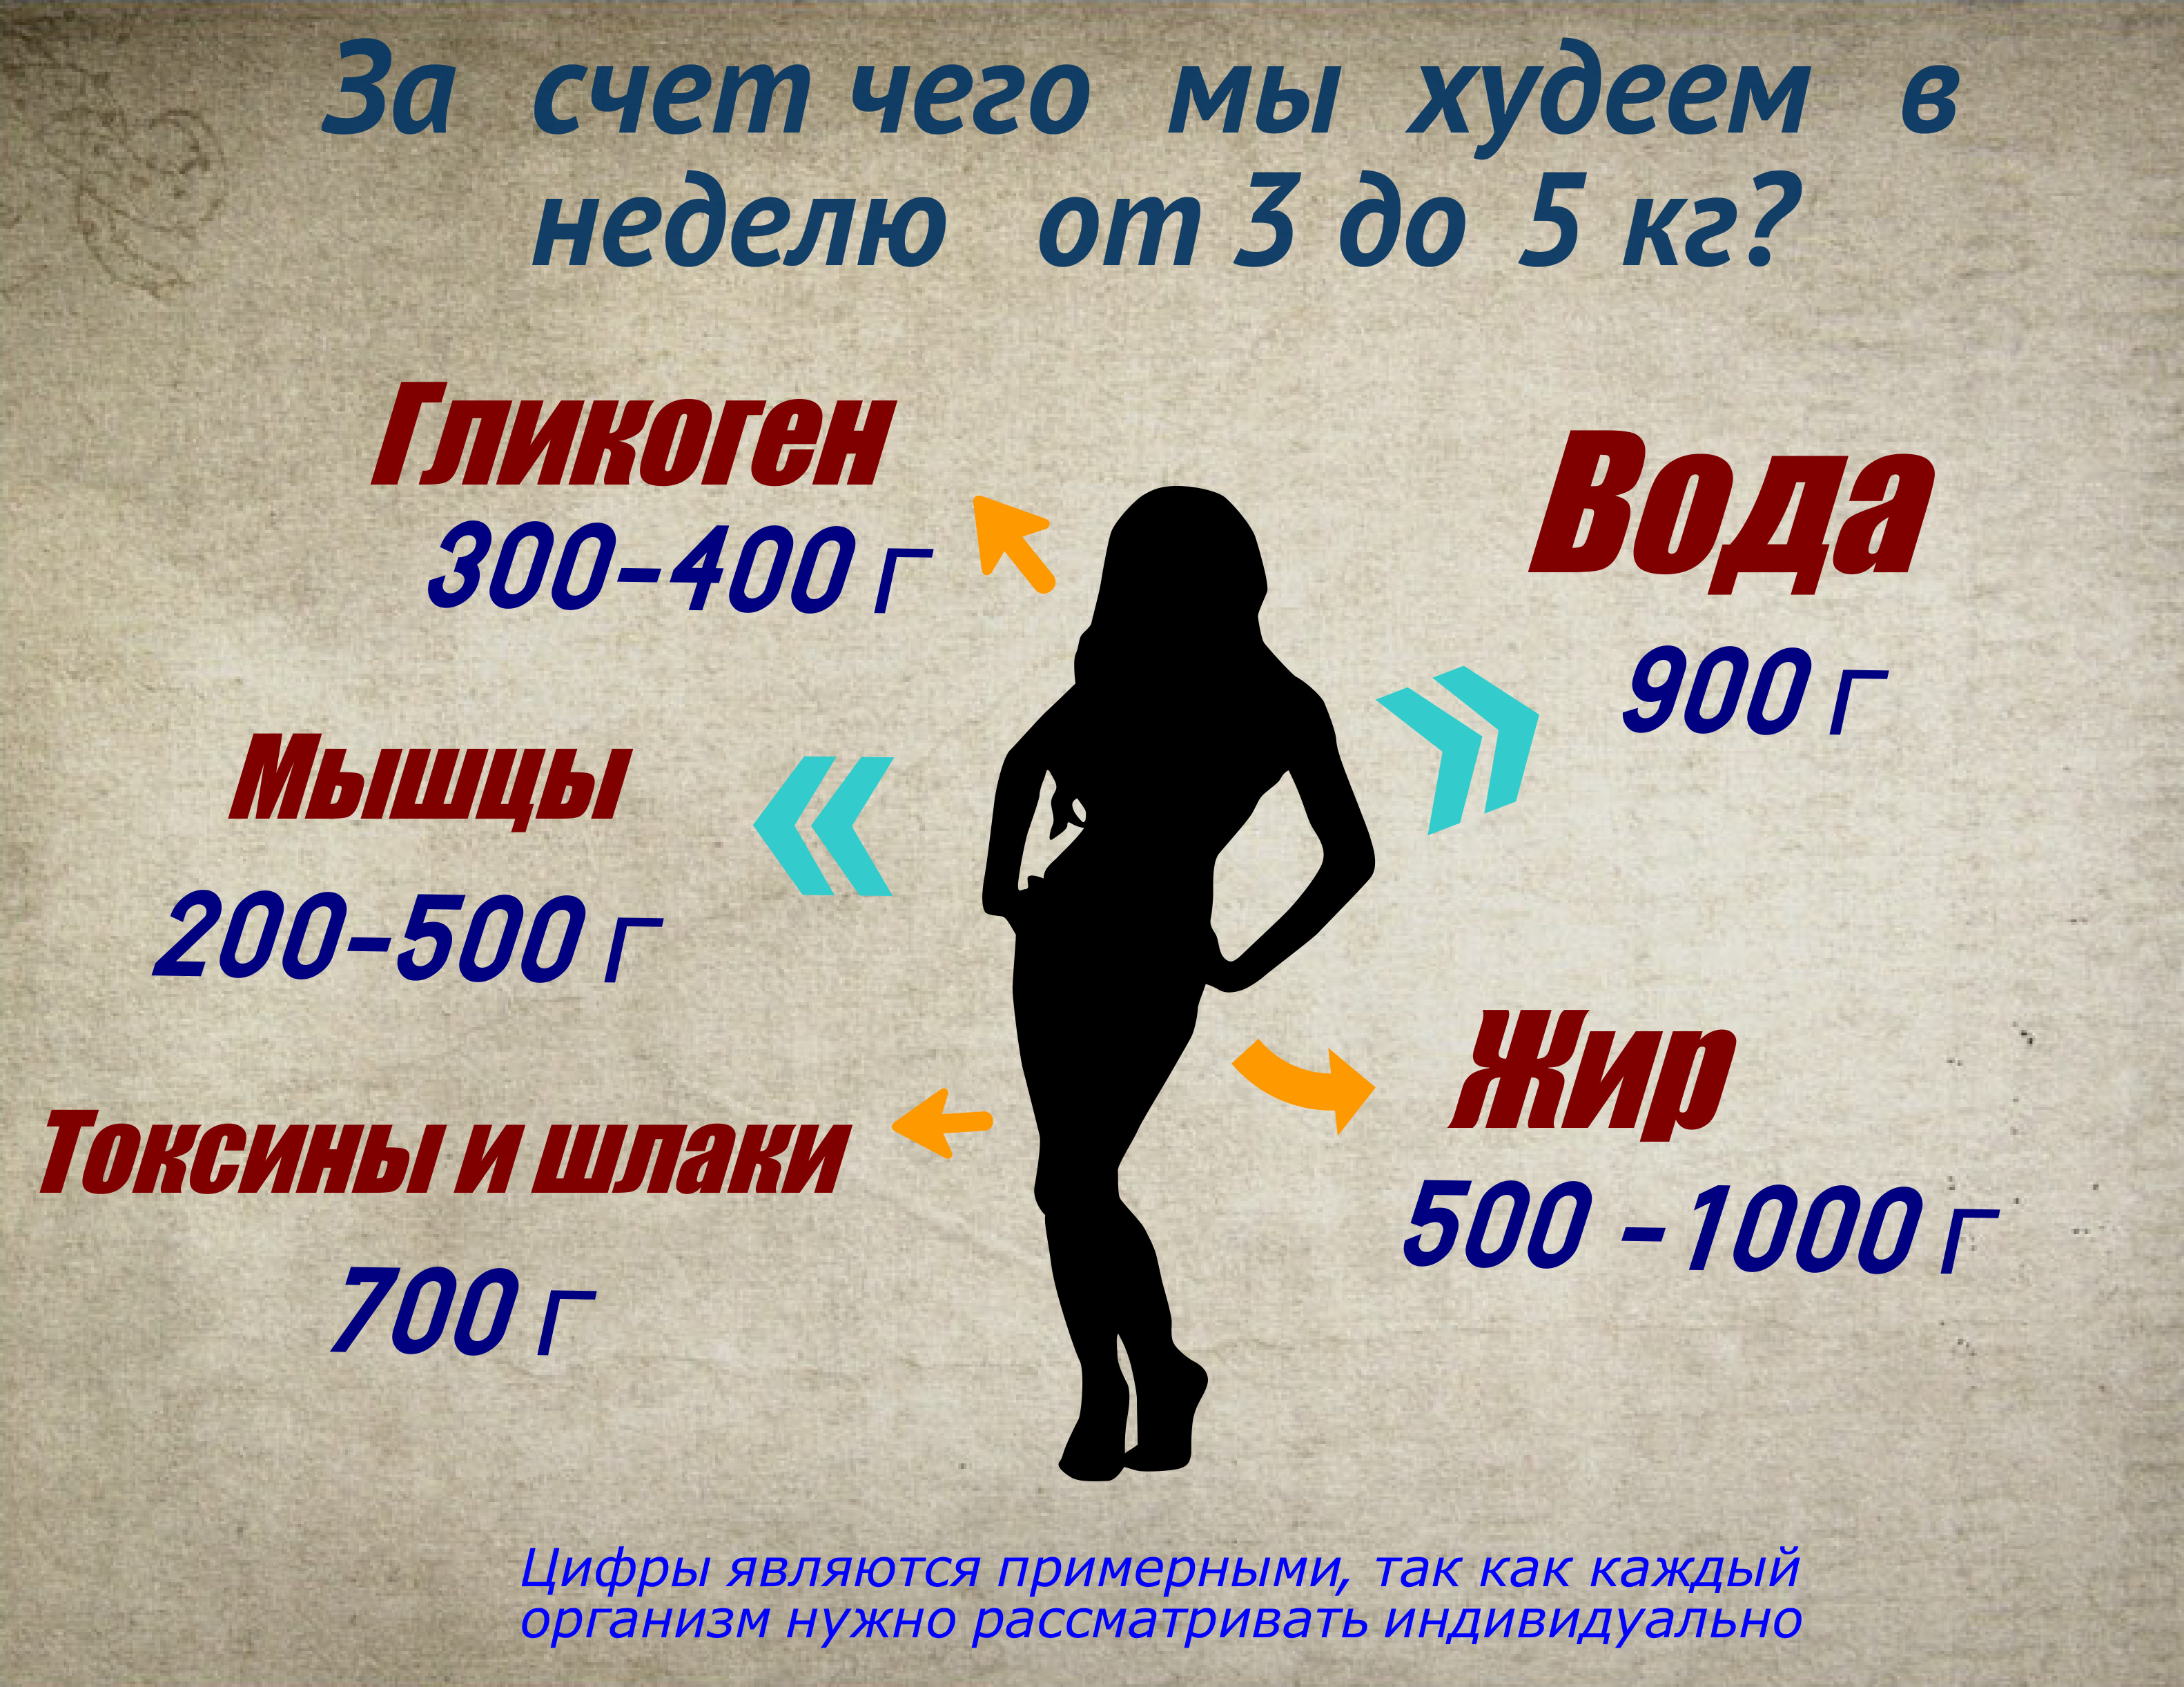 kak-bystro-pohudet-na-5-kg2019-02-11